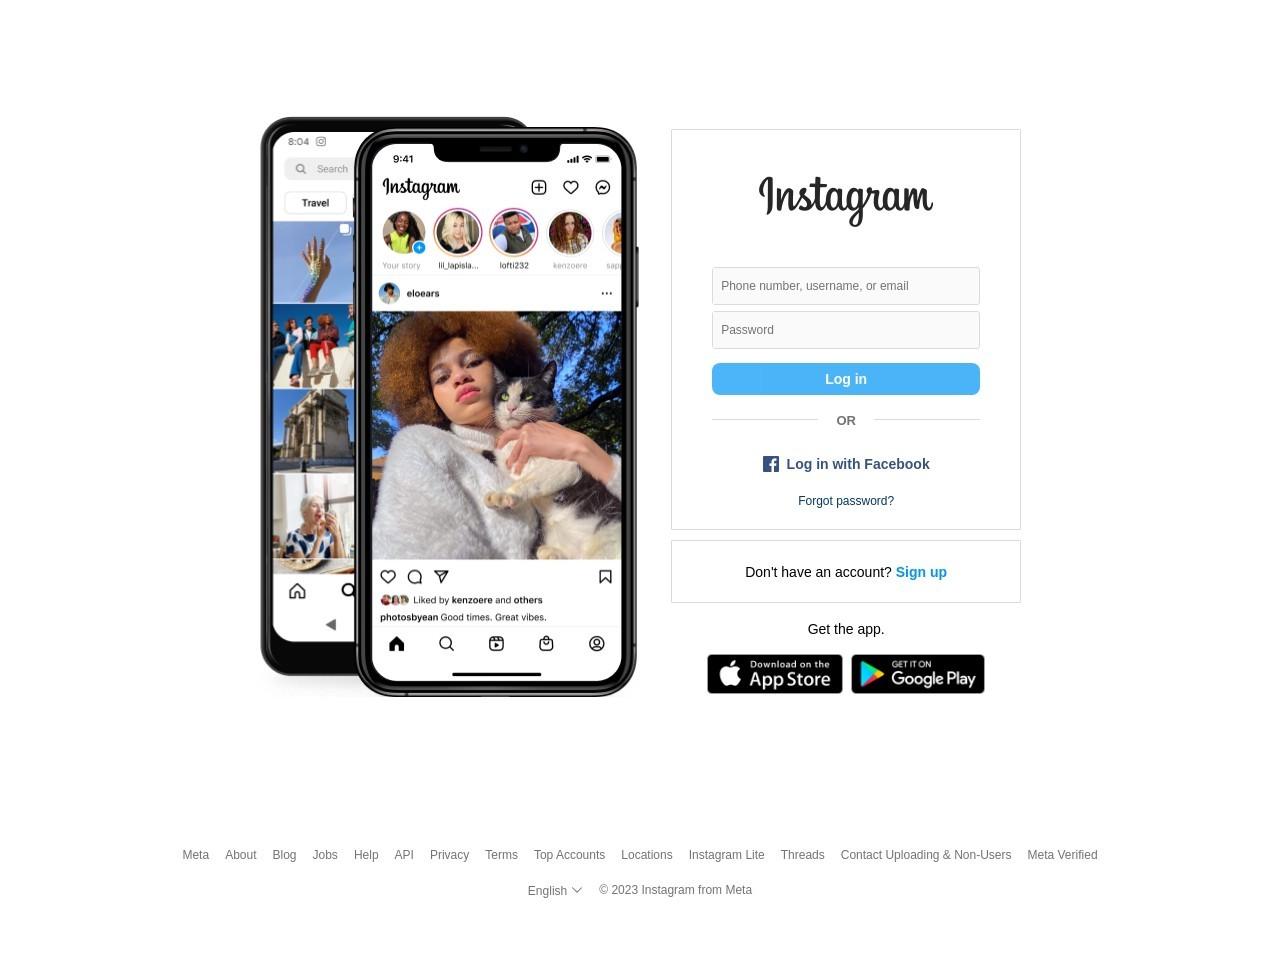 細田阿也のインスタグラム(Instagram)